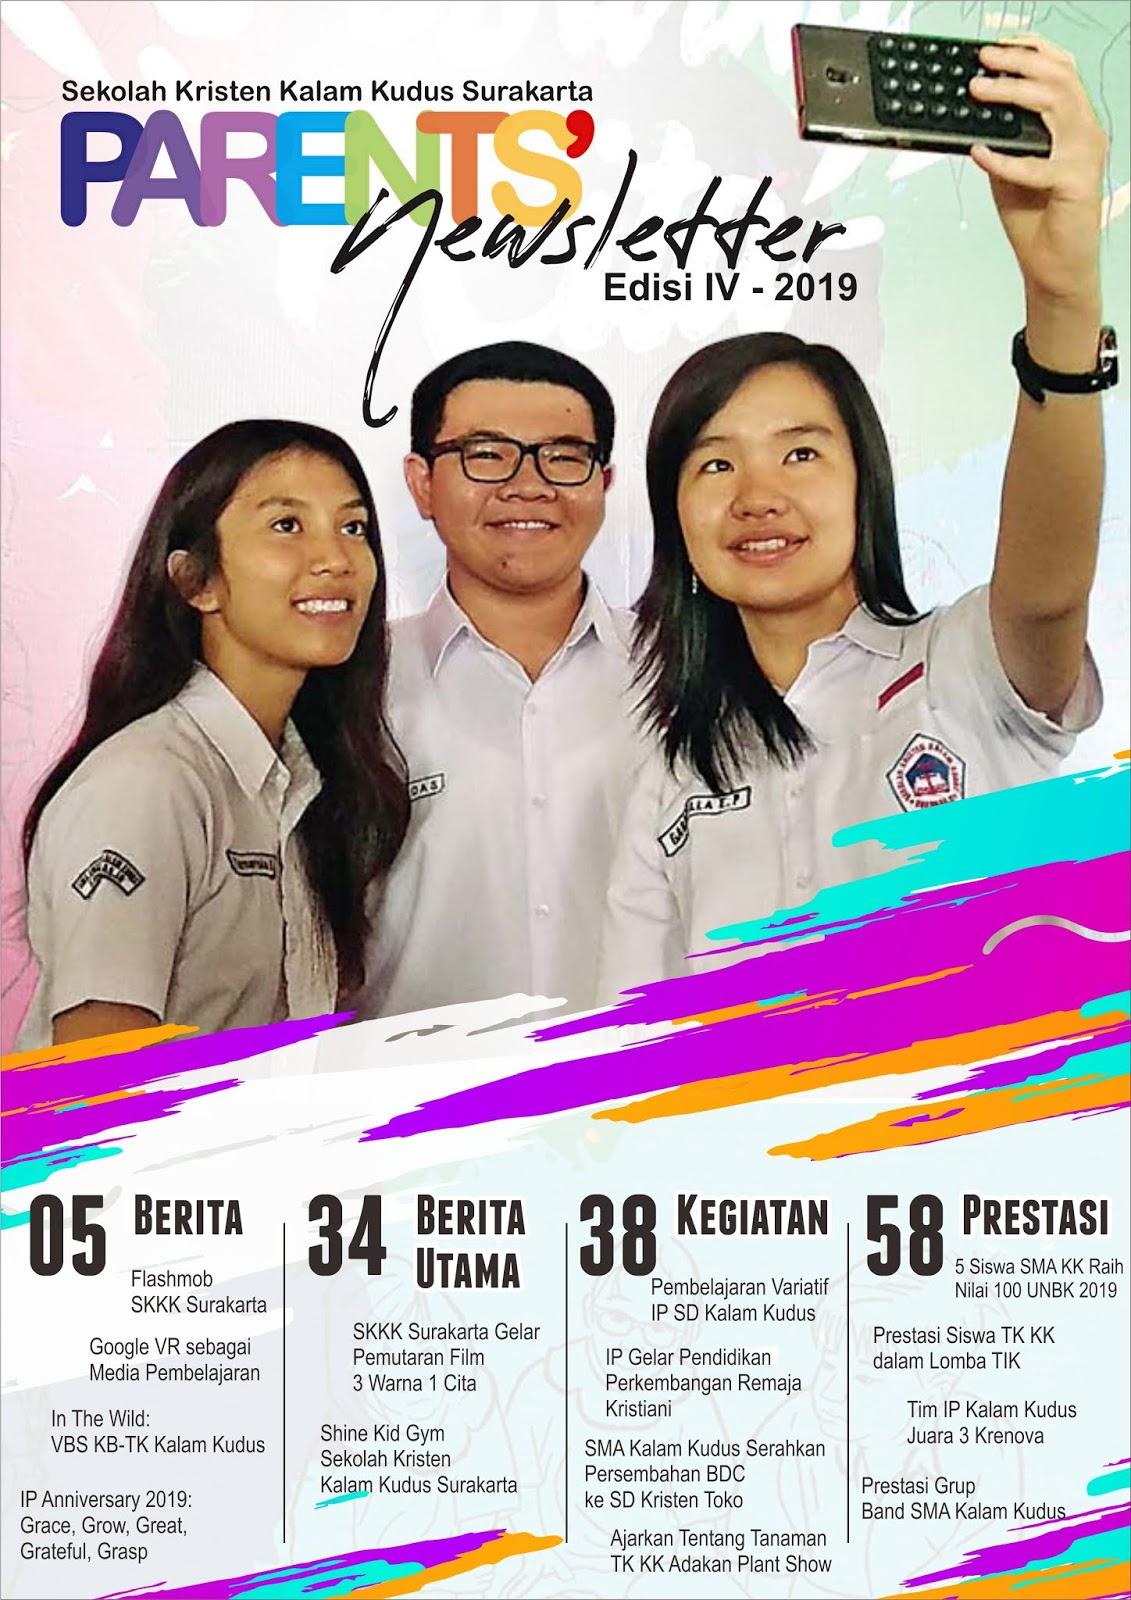 Parents' Newsletter SKKK Surakarta Edisi IV - Desember 2019